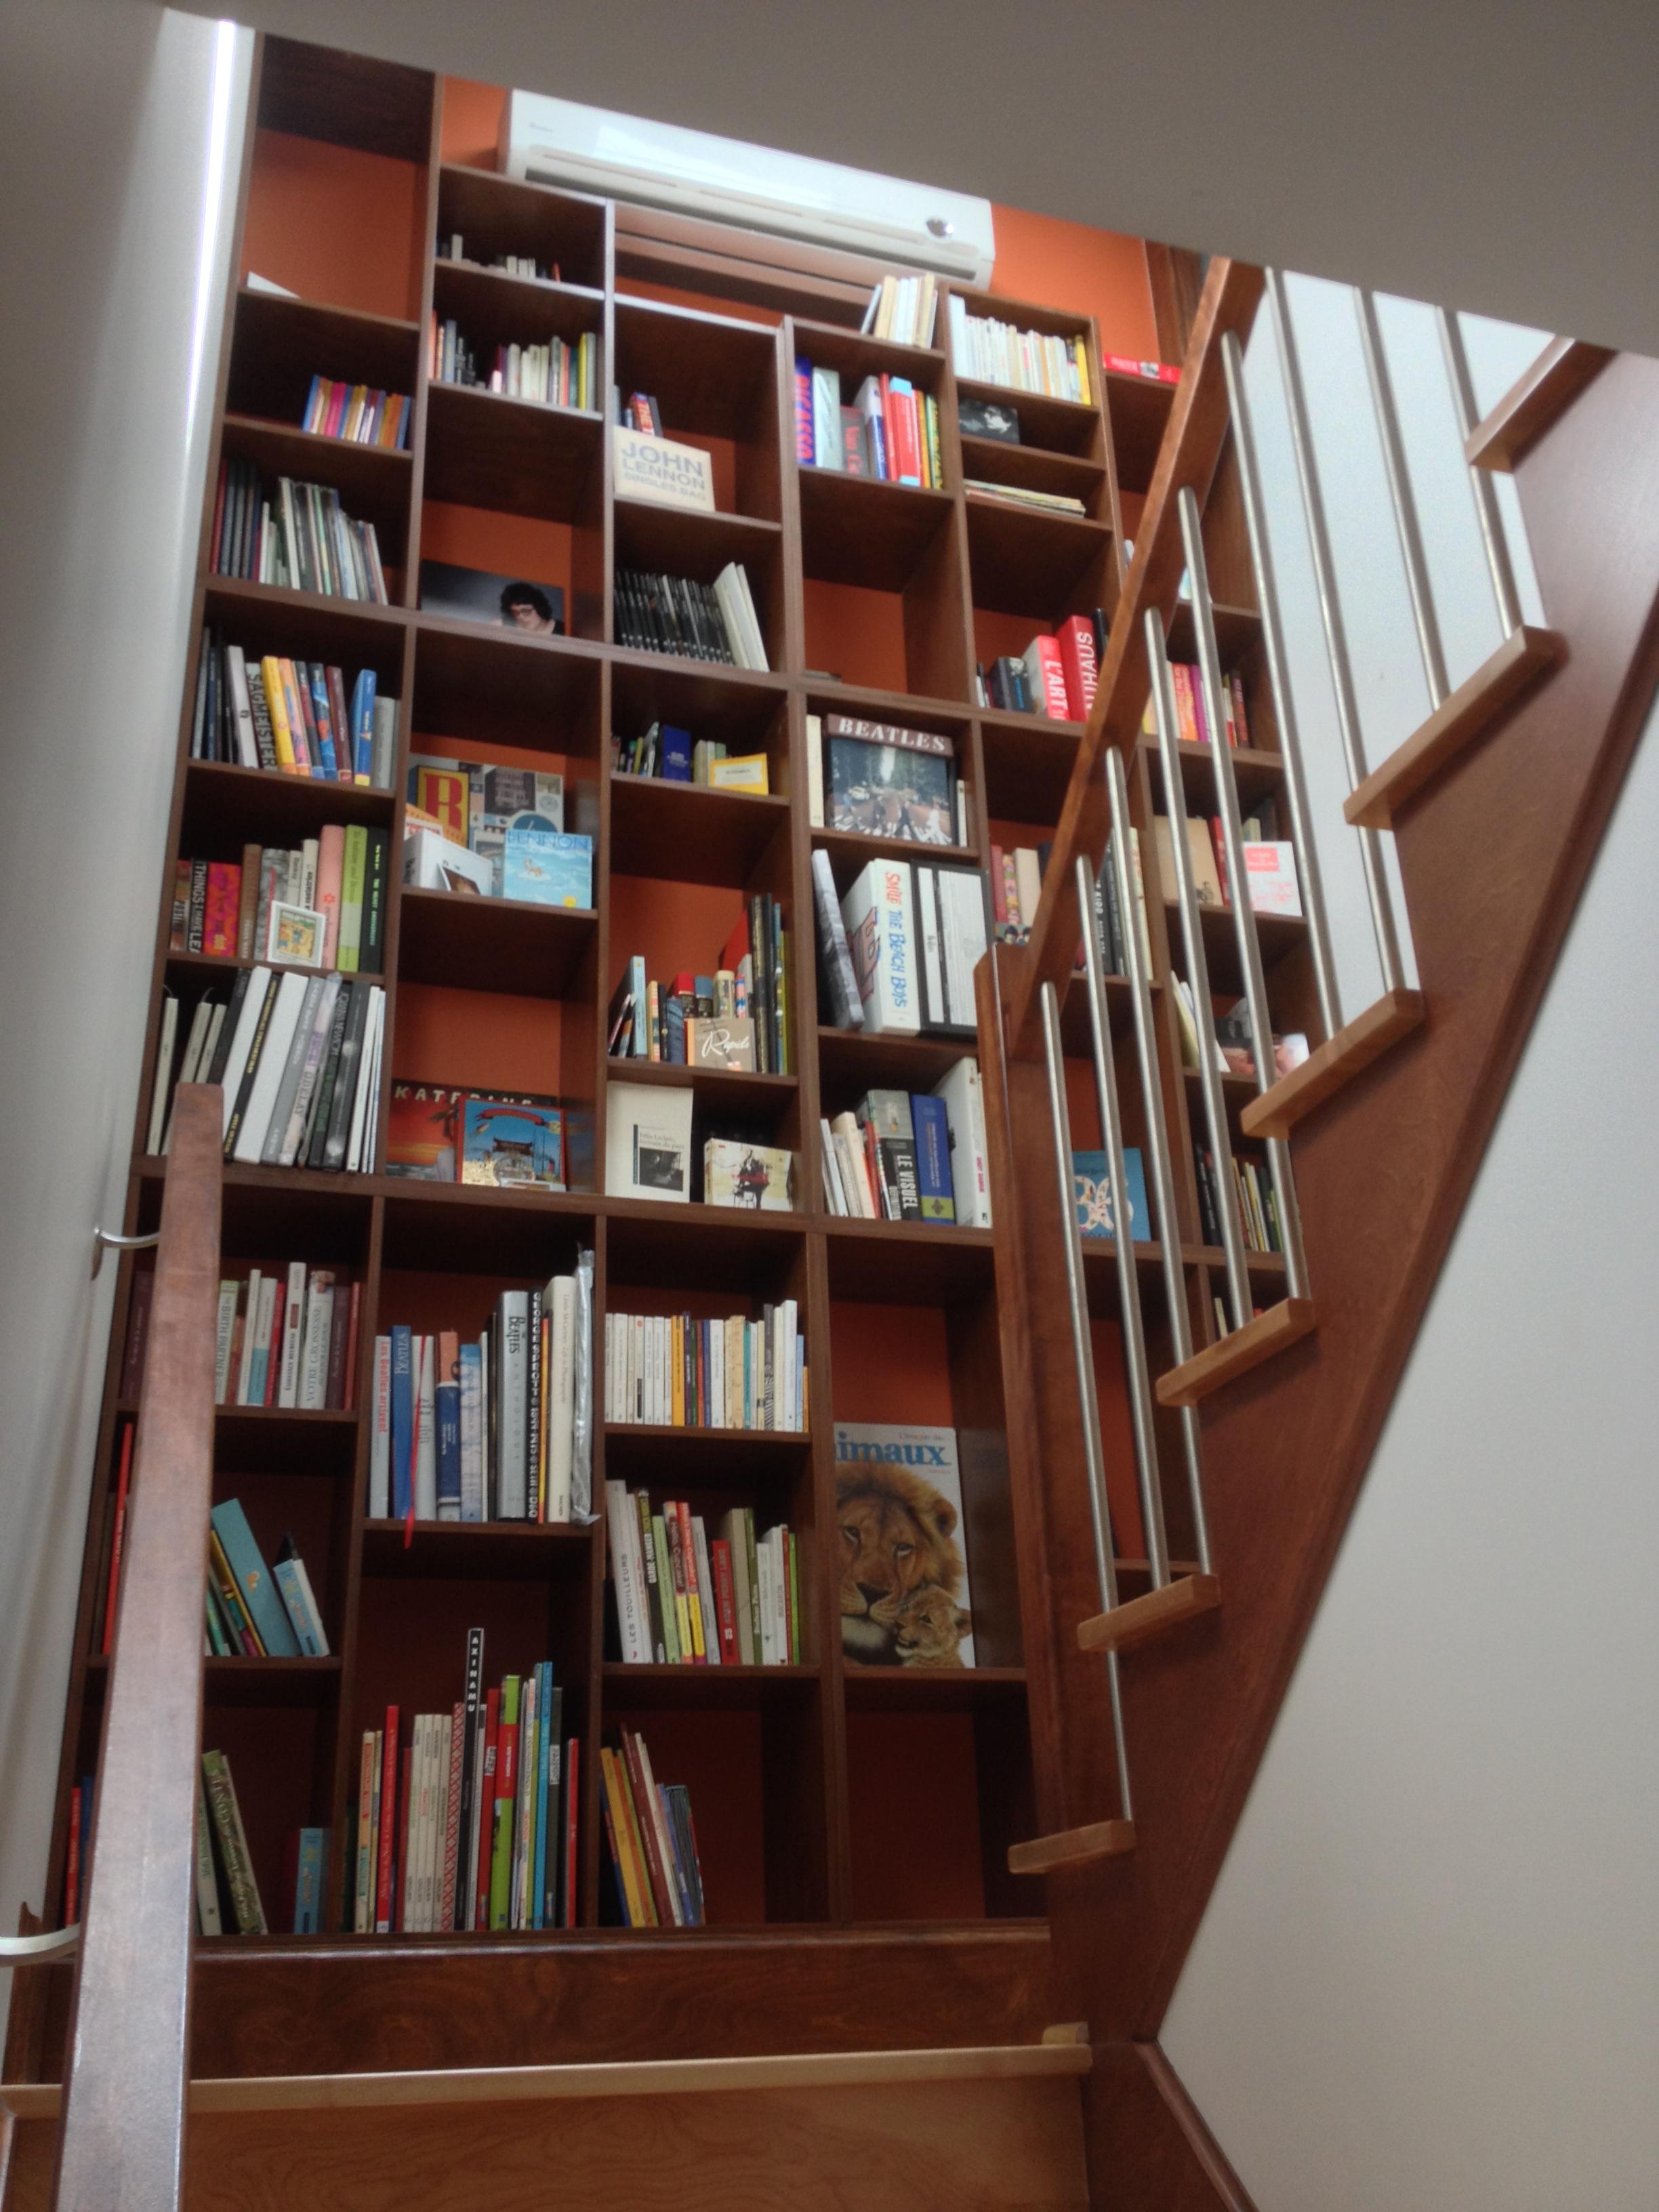 Biblitohéque